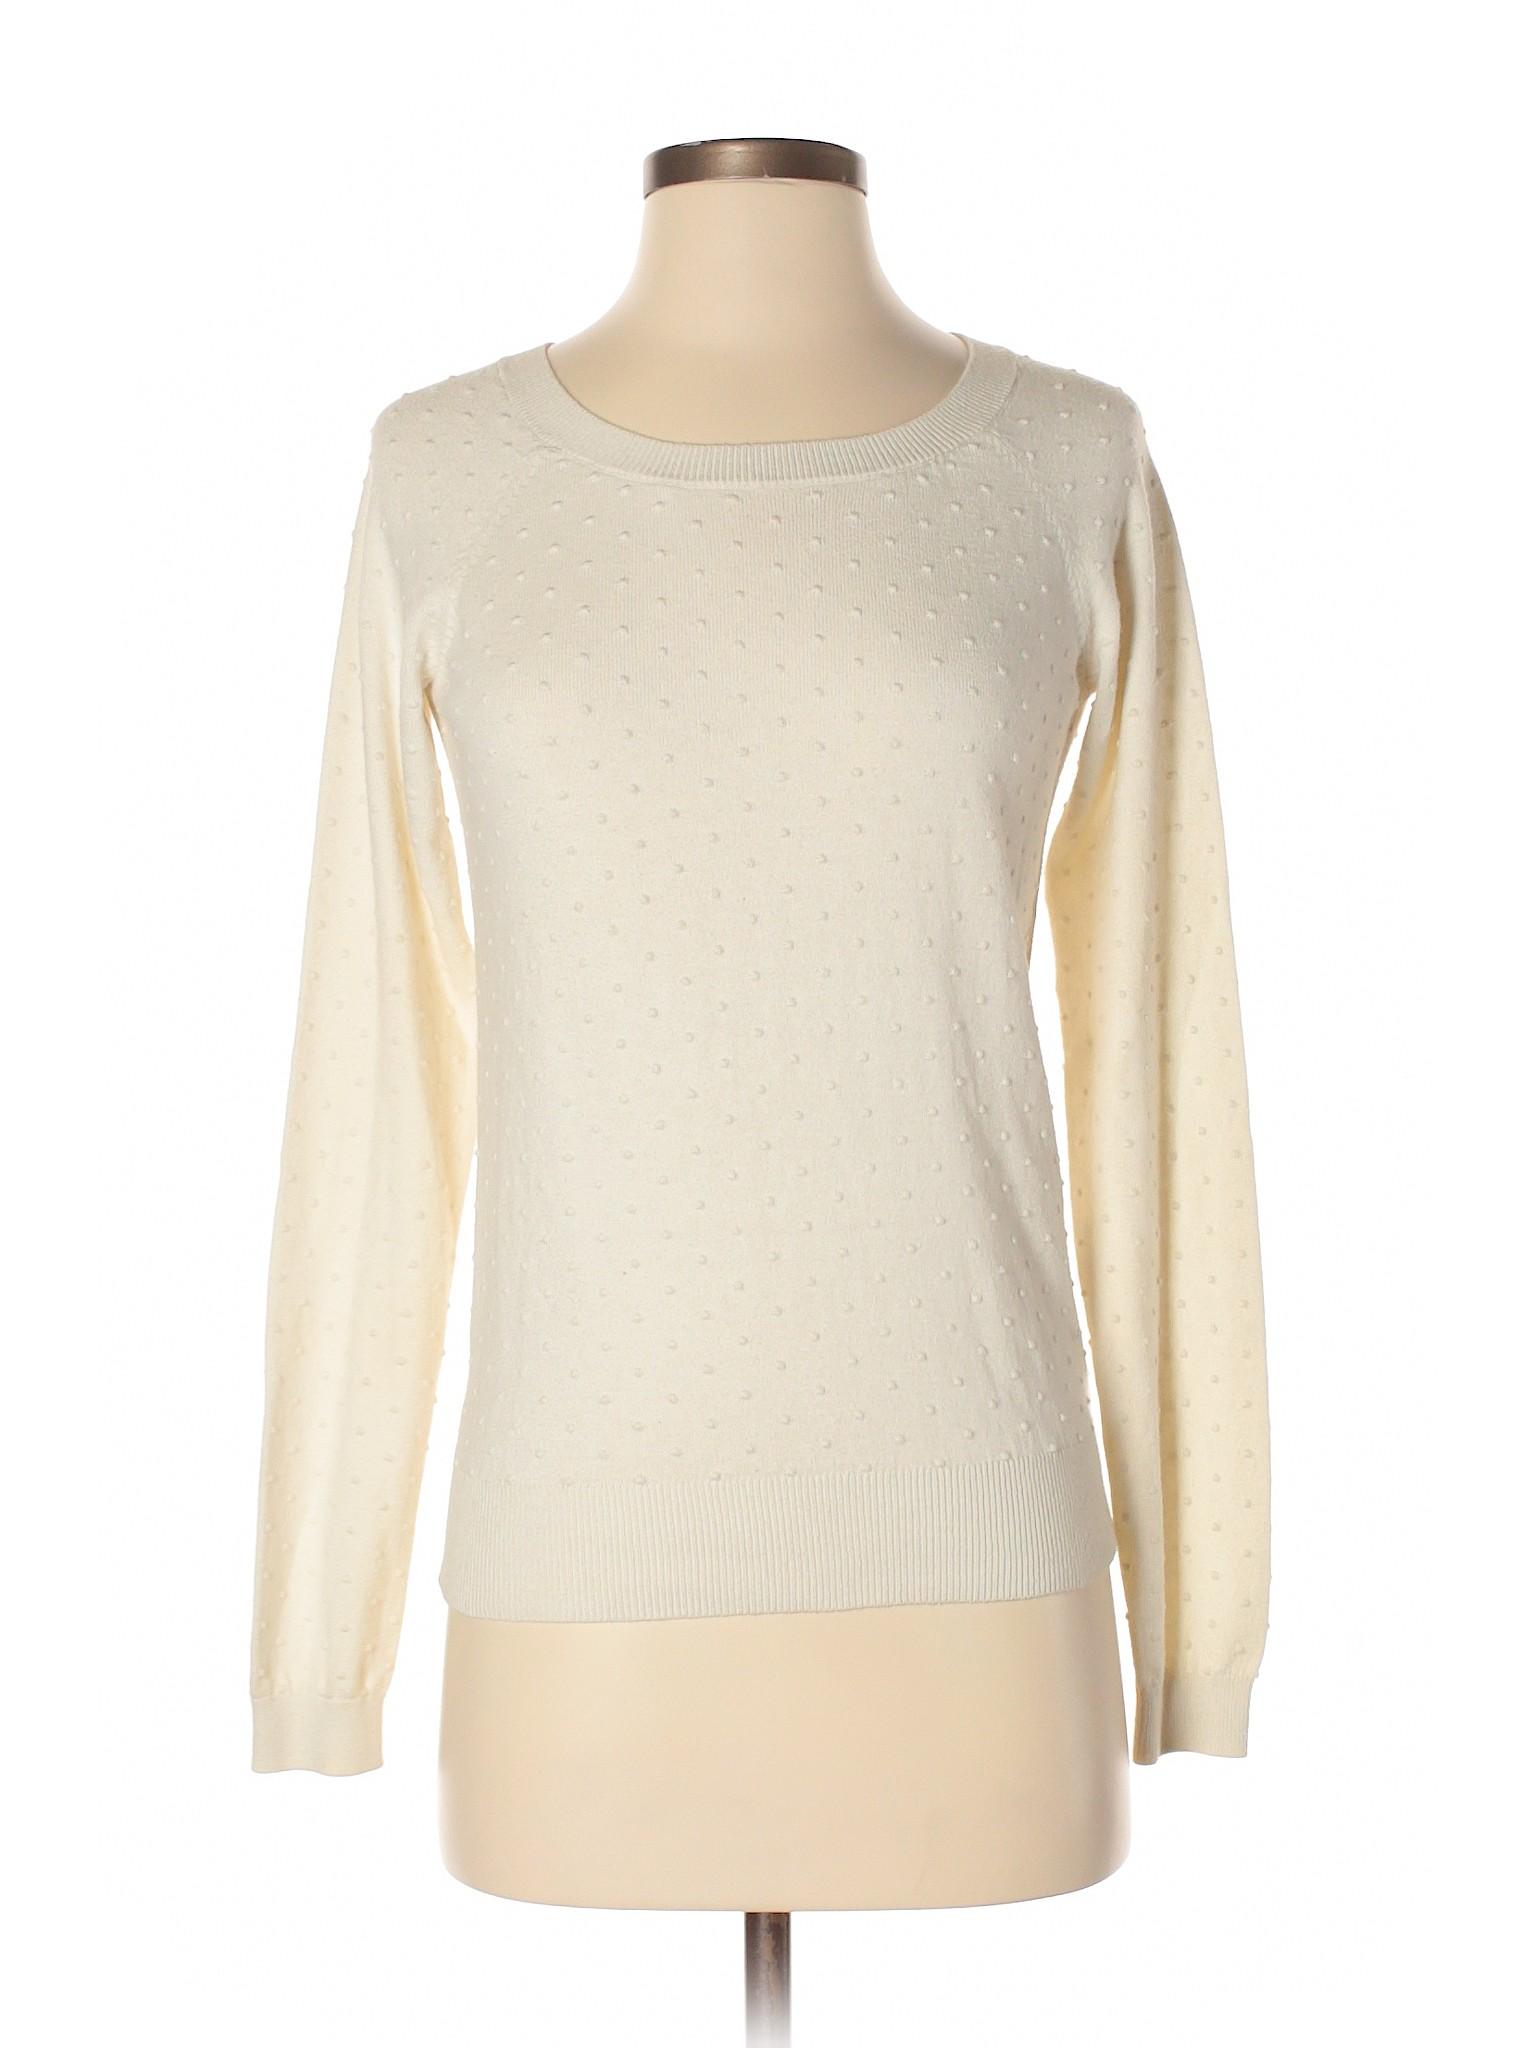 Boutique Republic Sweater Pullover Banana Banana Boutique Republic Hgn1Hx